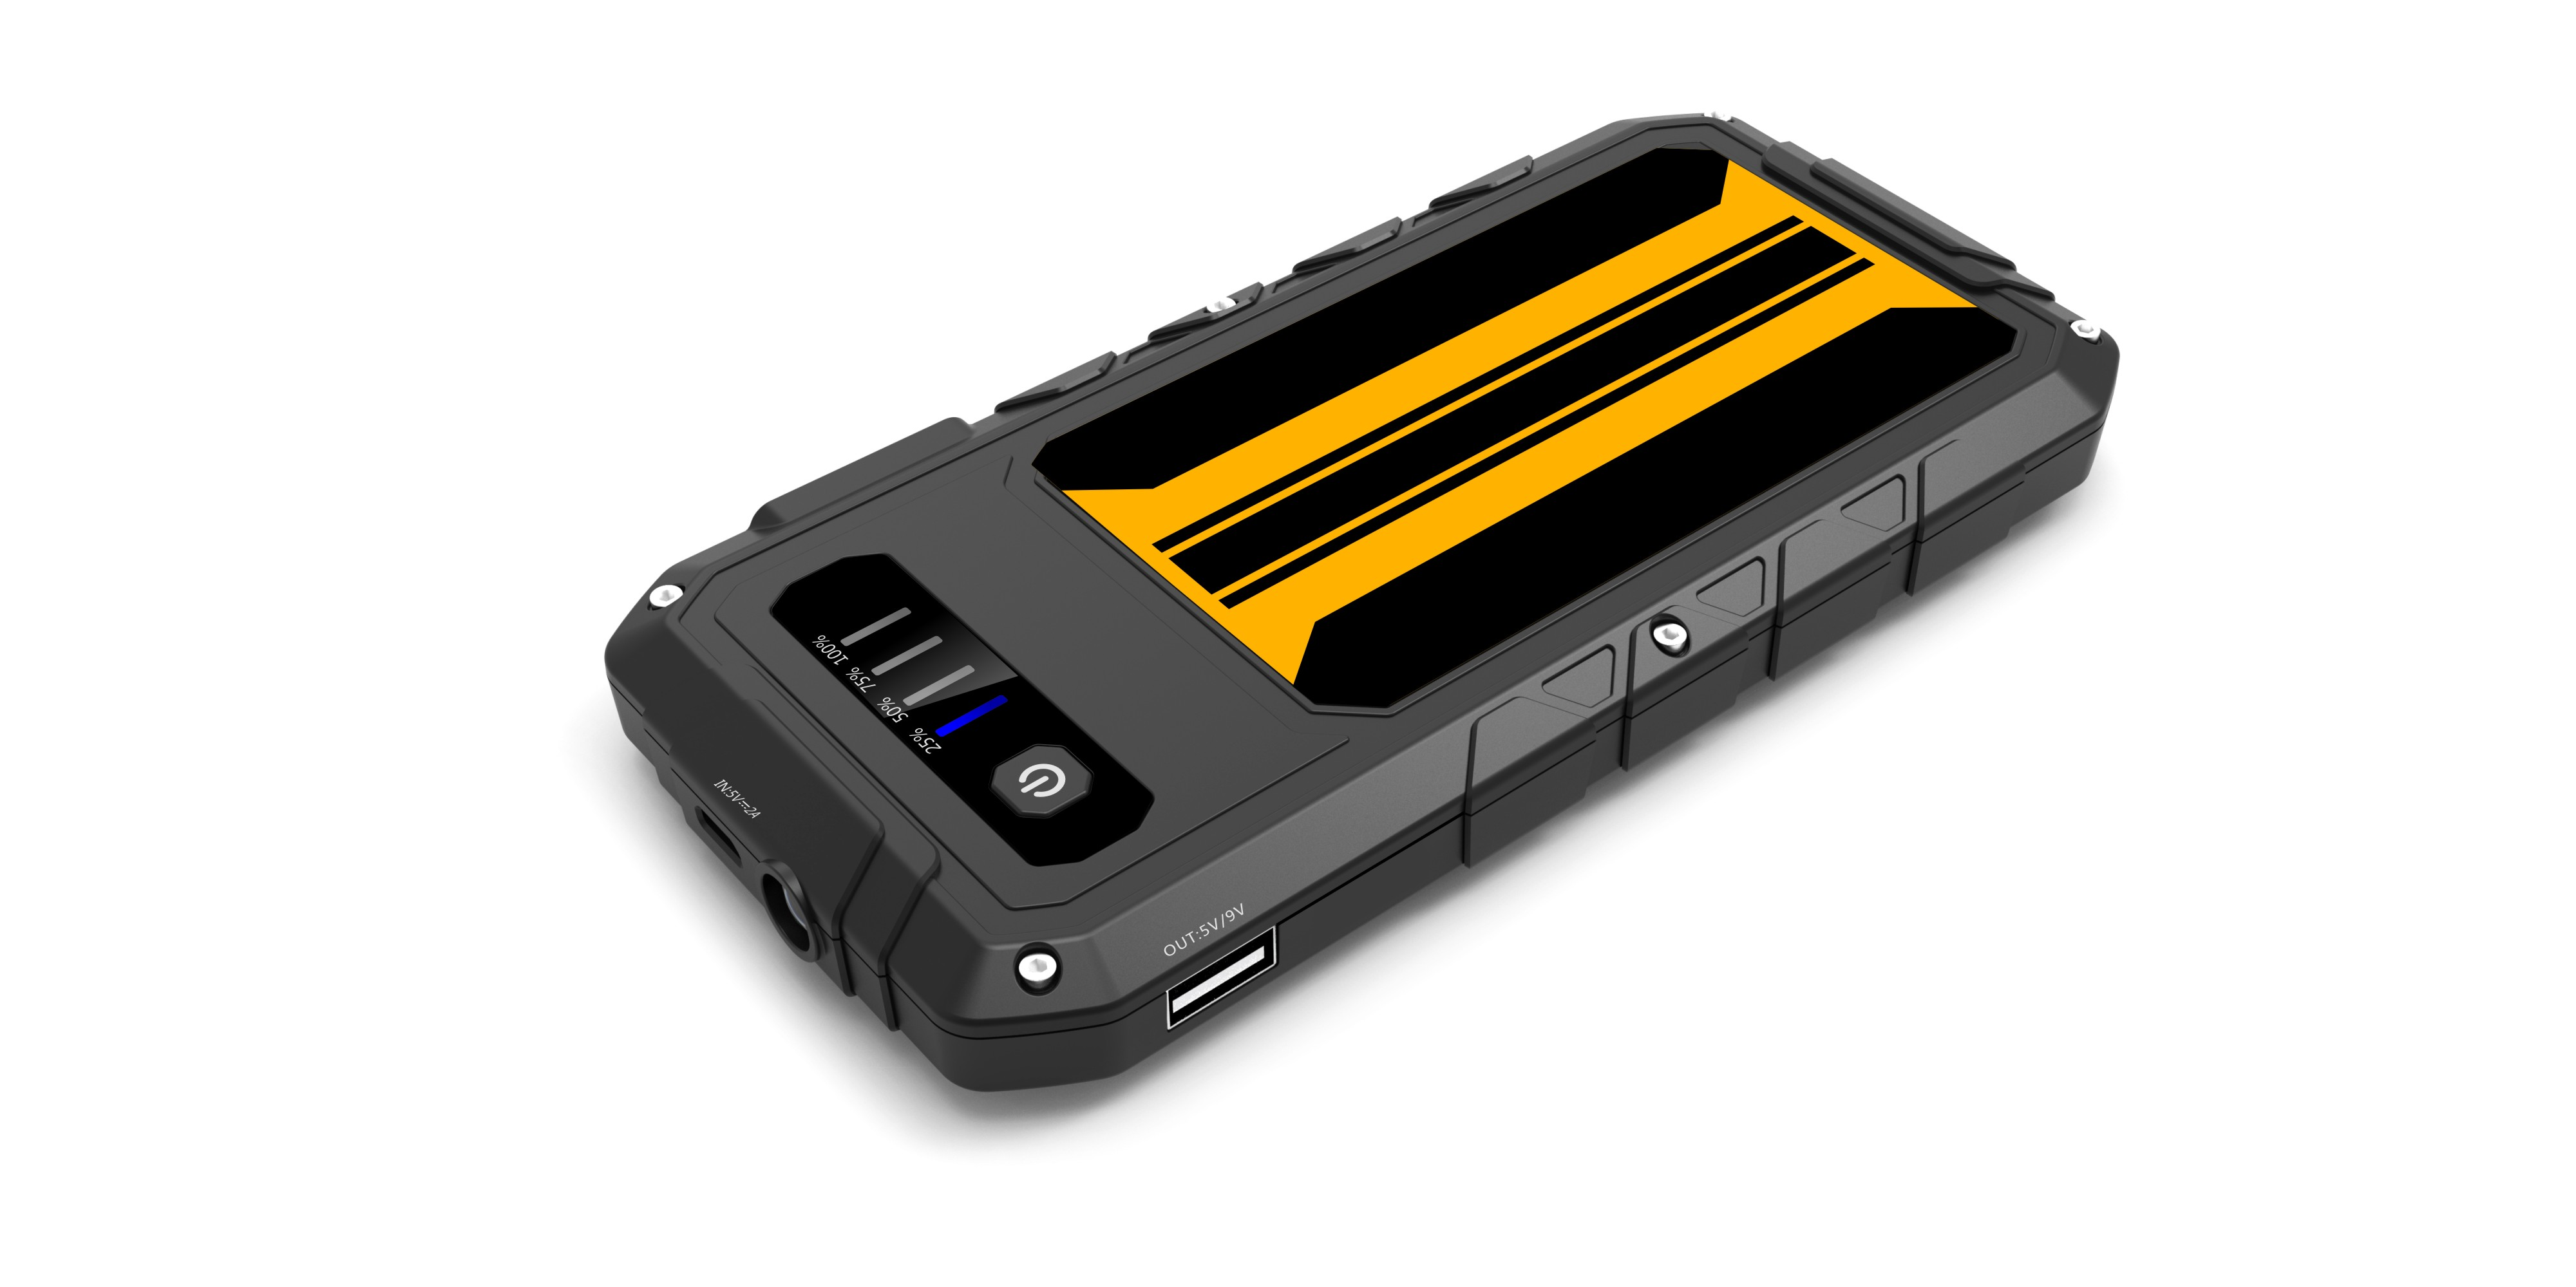 CARKU 12000 mAh kit de arranque de salto da bateria 600A para jumpstart motor a gasolina do carro 4.0L e motor diesel 2.0L